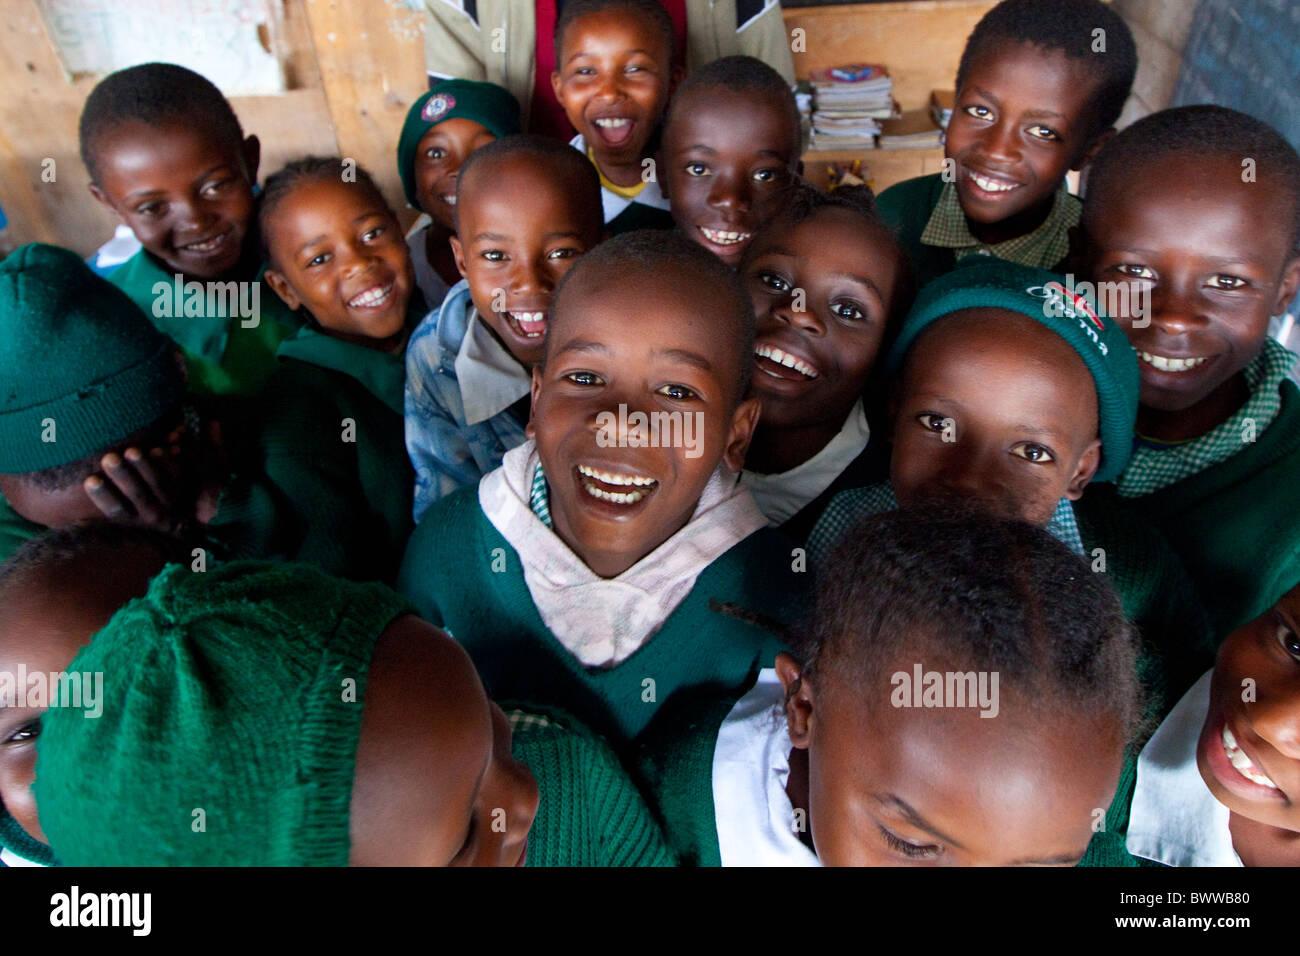 Maji Mazuri Centre and School, Nairobi, Kenya - Stock Image